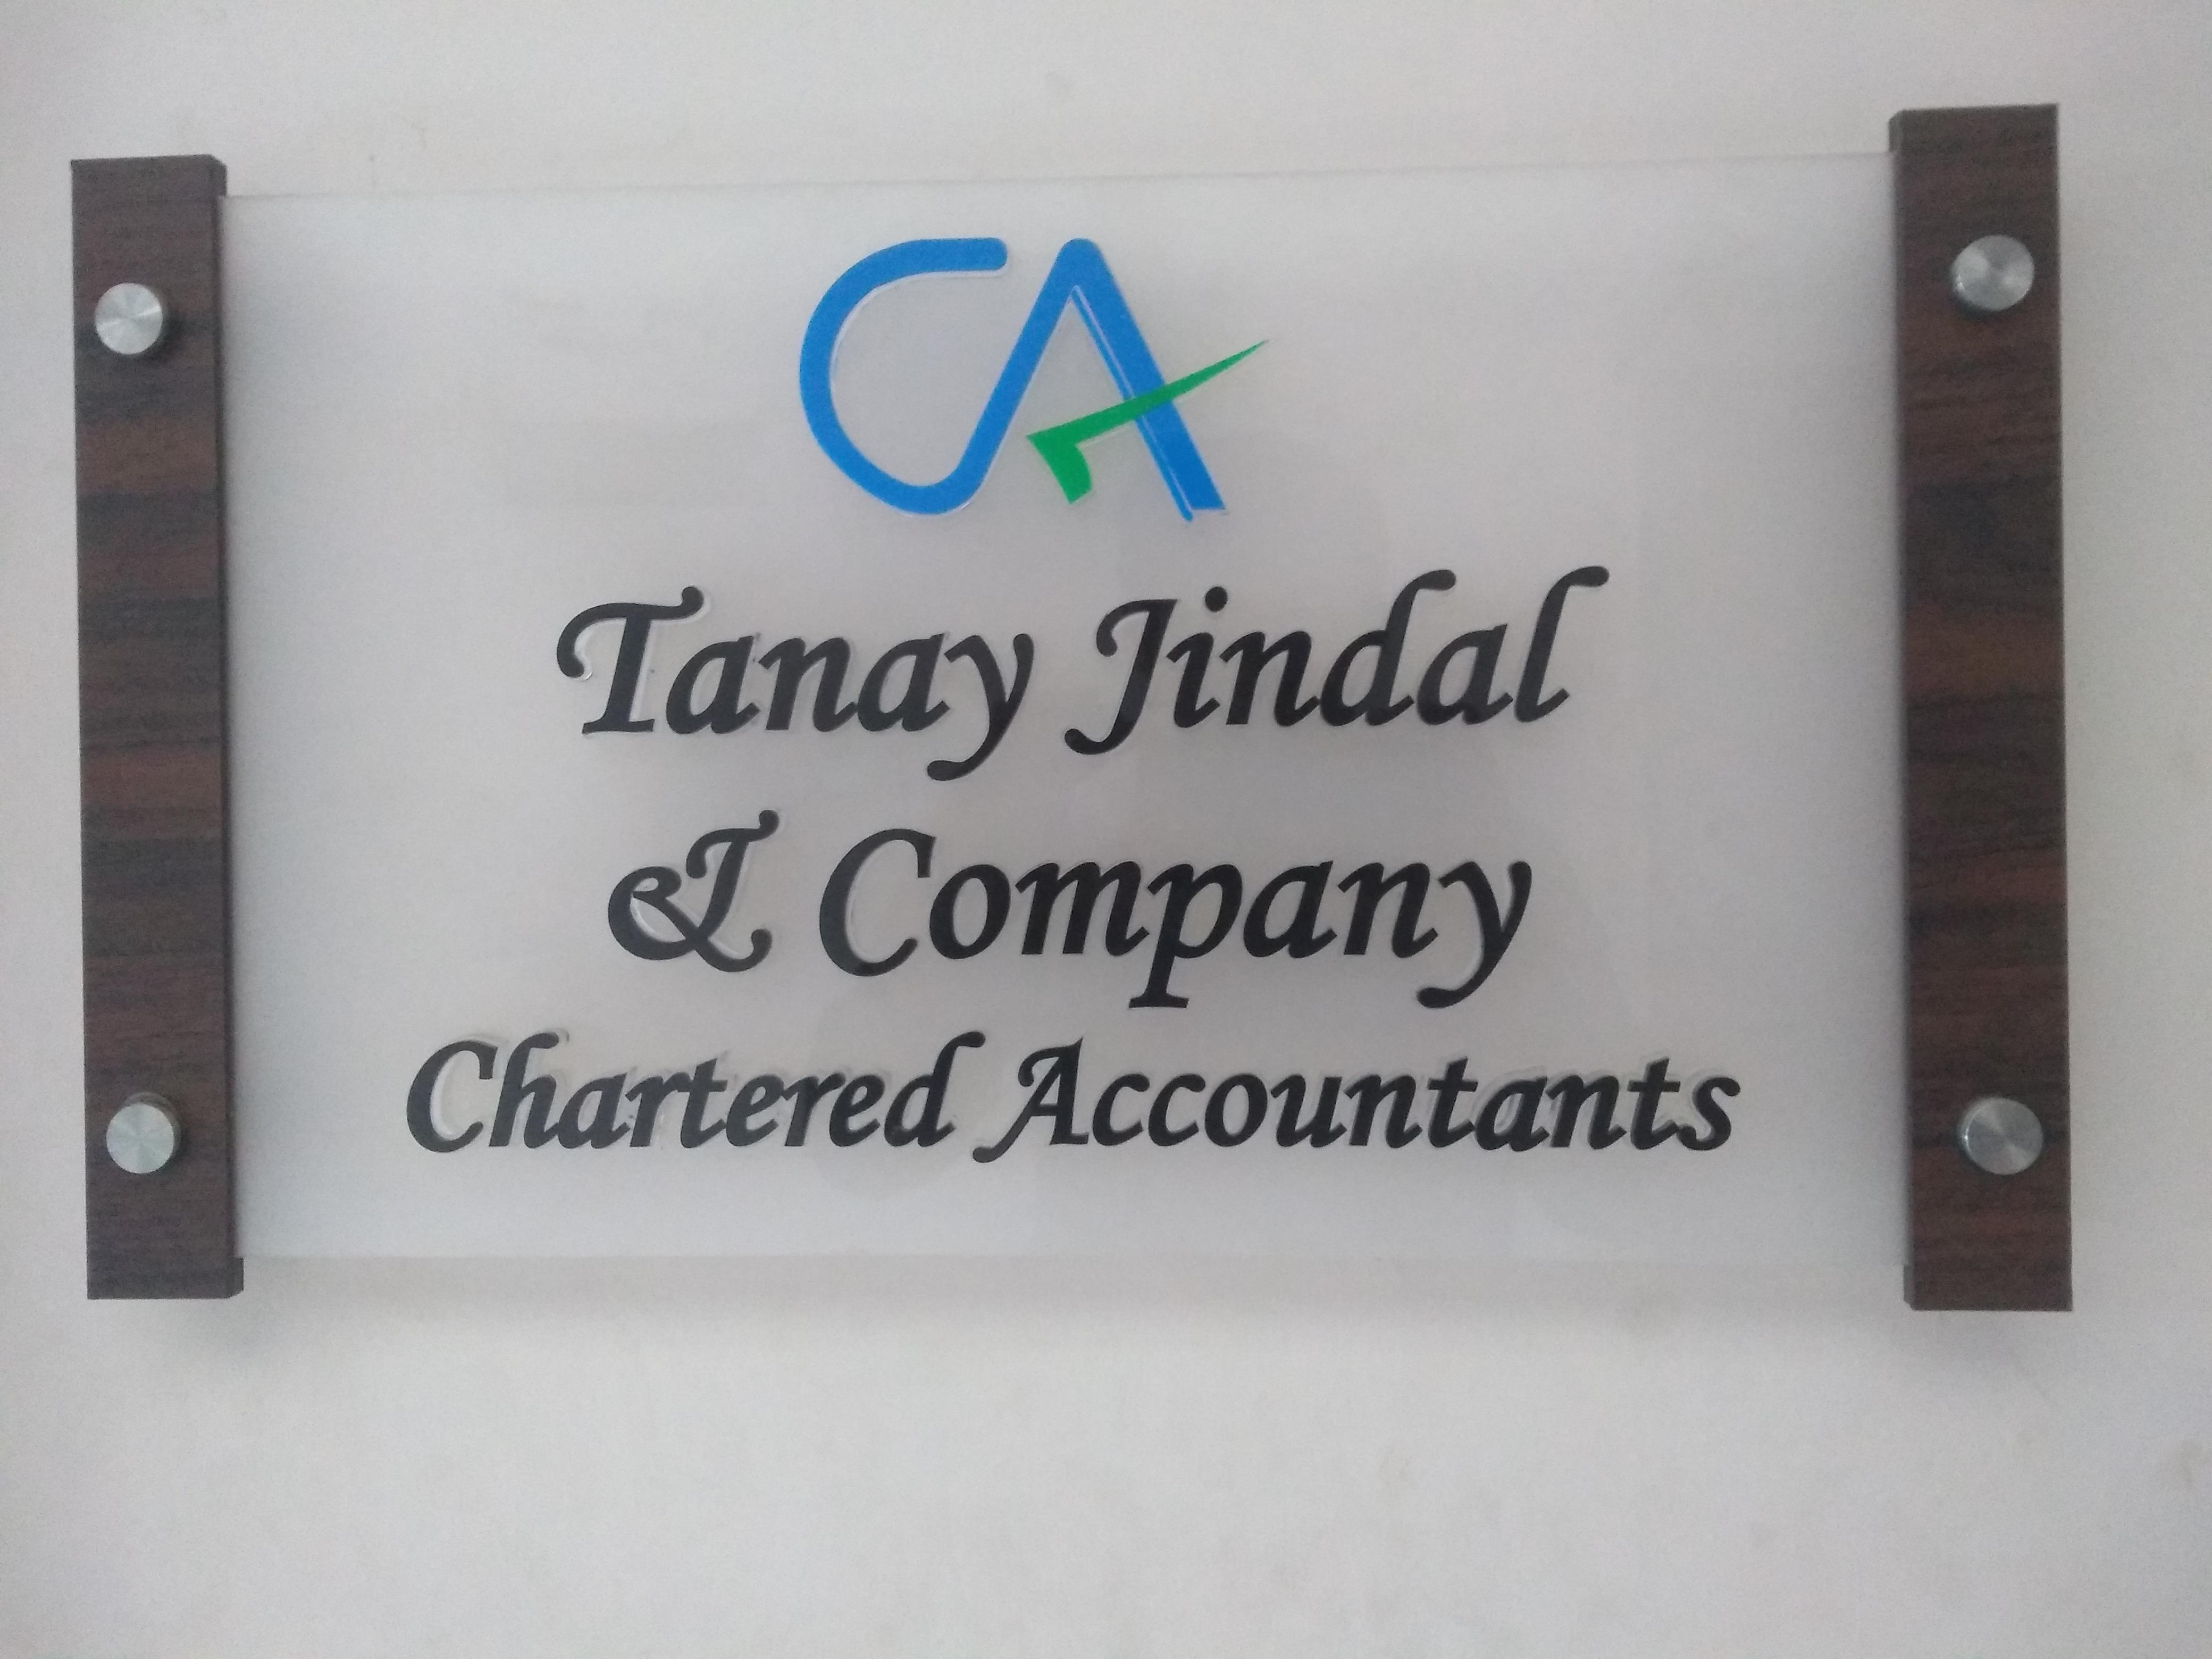 Tanay Jindal & Company